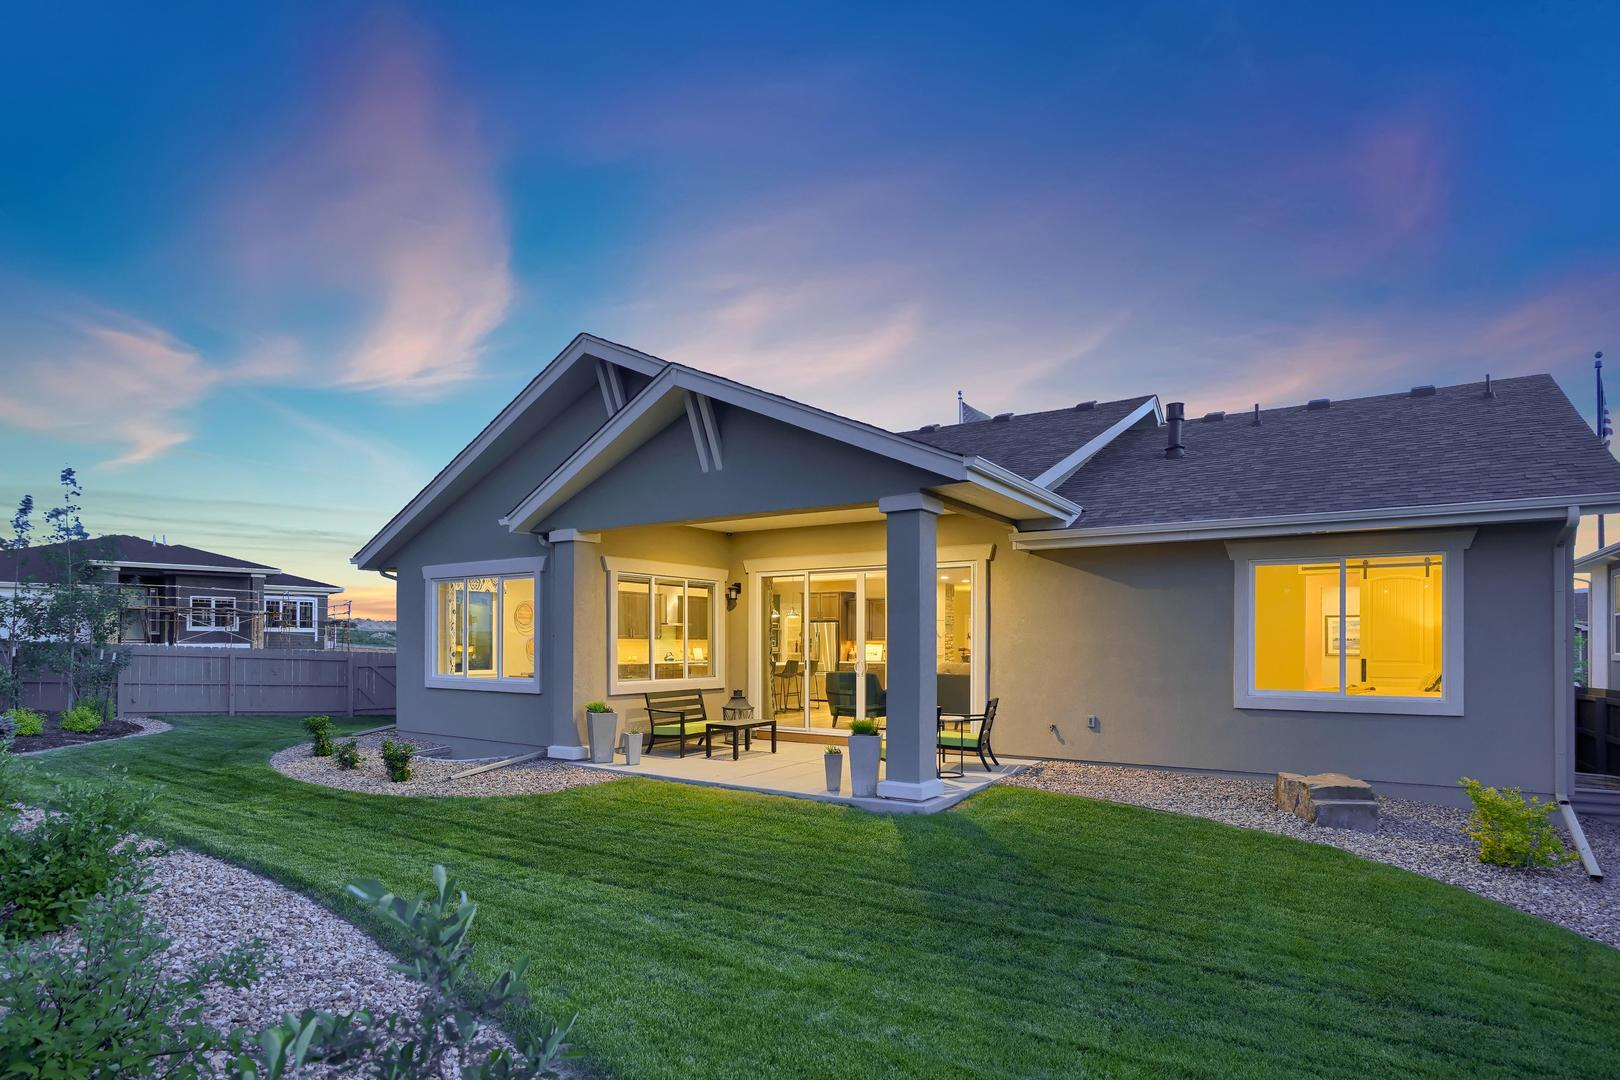 'Cordera' by Vantage Homes in Colorado Springs